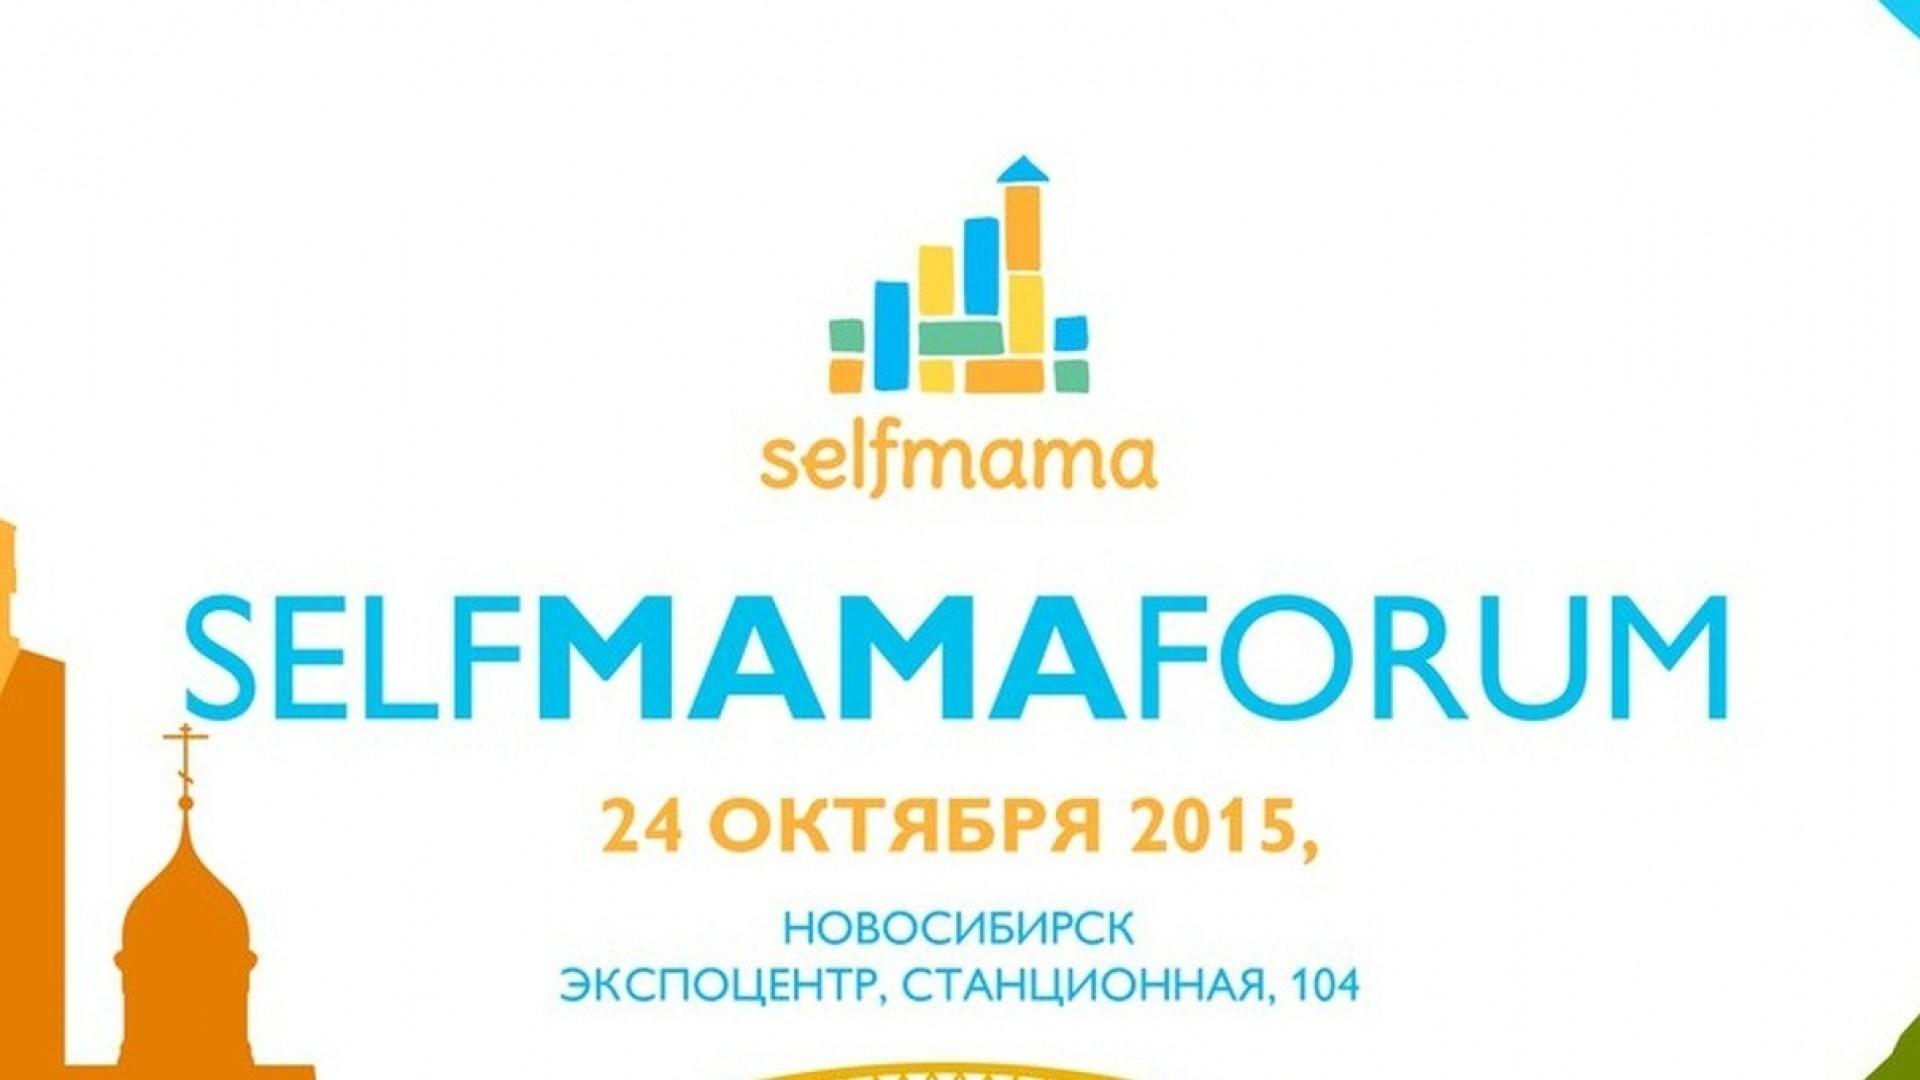 Впервые в Новосибирске пройдет форум SelfMama